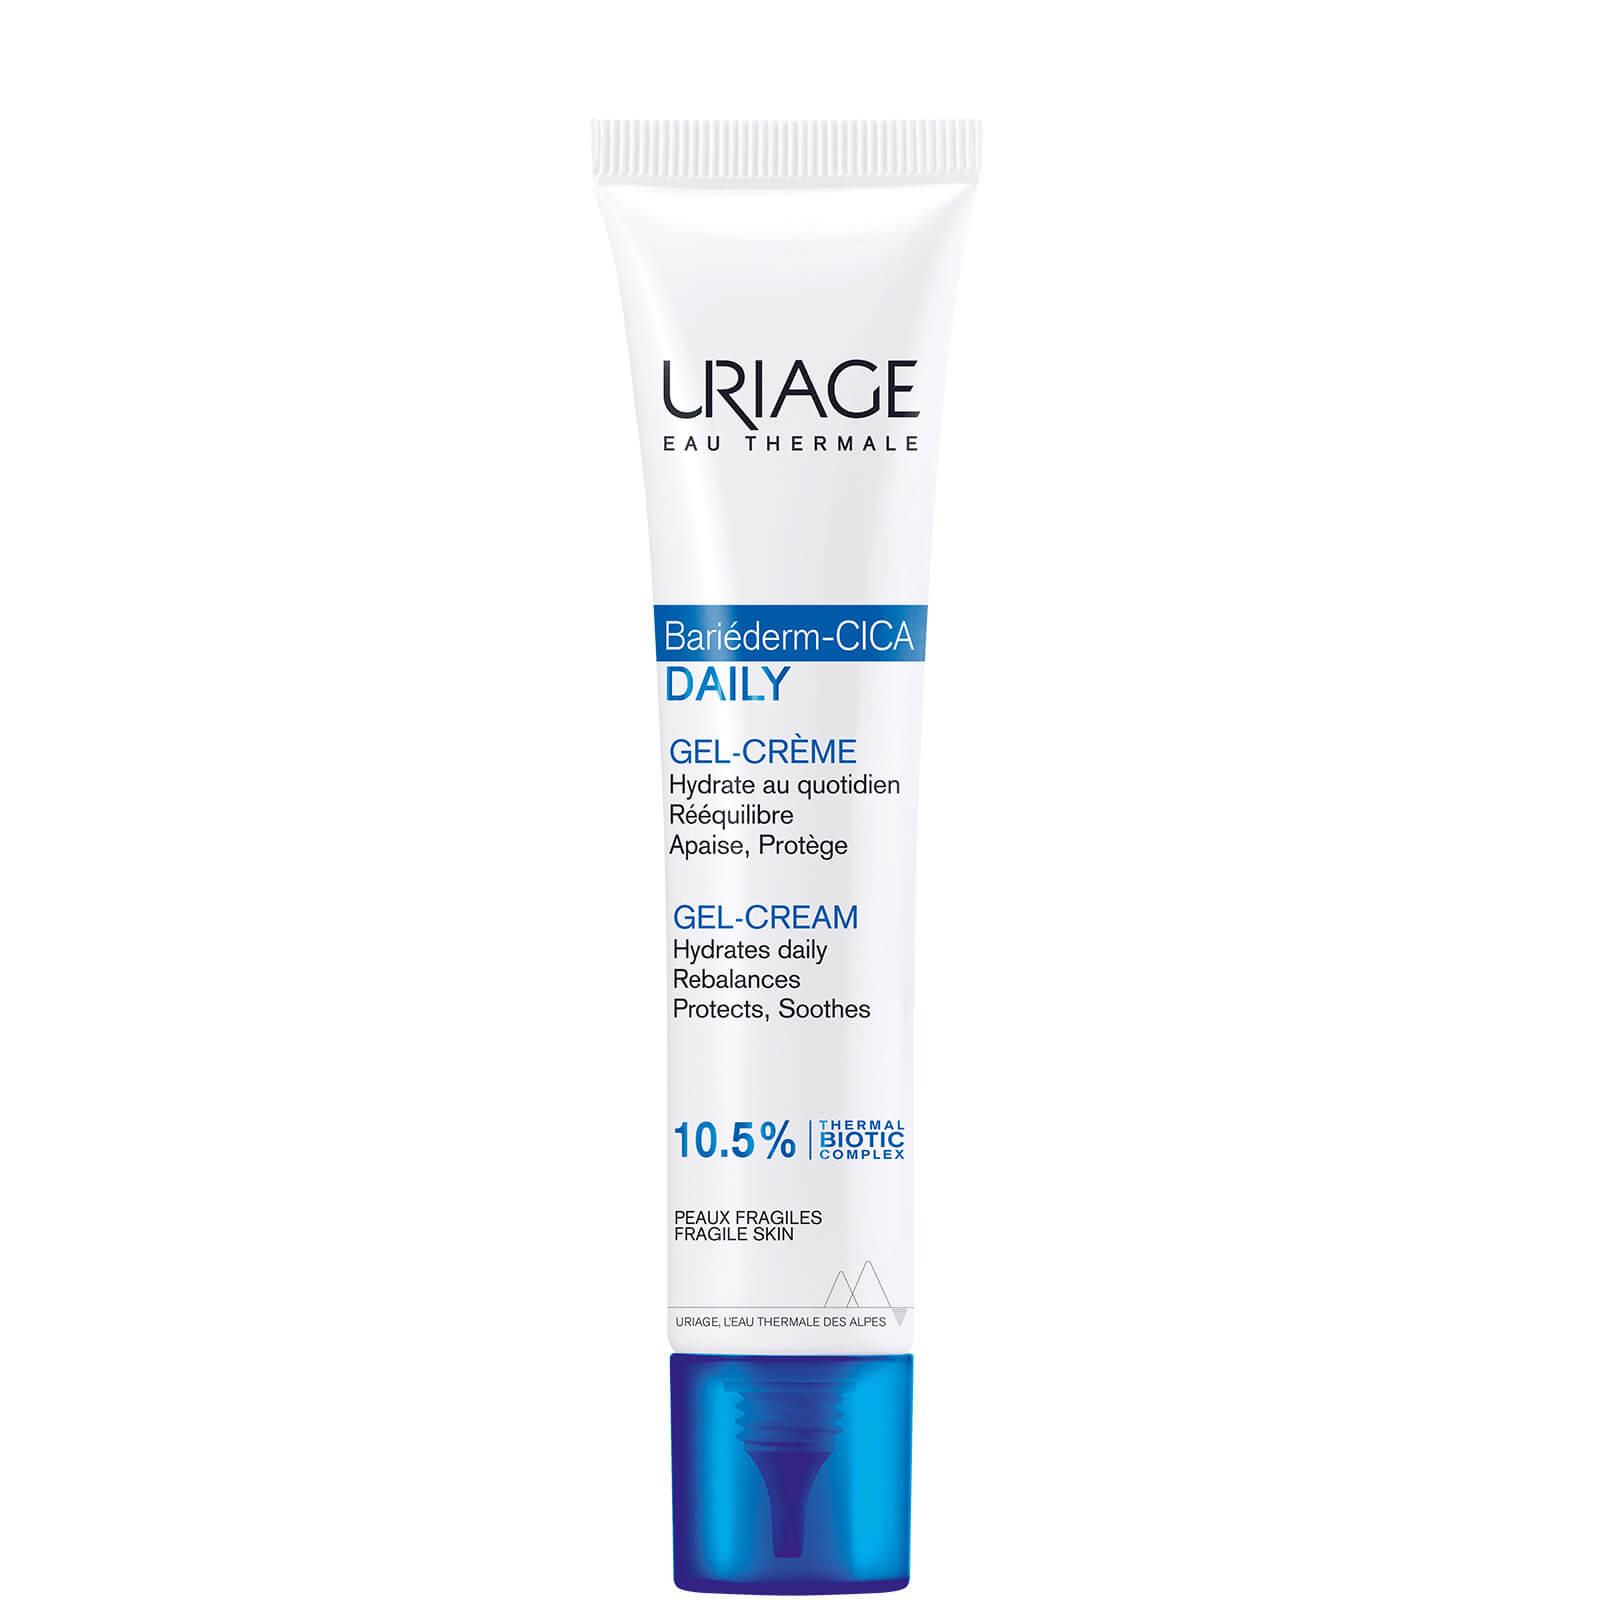 Купить Дневной гель-крем Uriage Bariederm-Cica Daily Gel-Cream, 40 мл